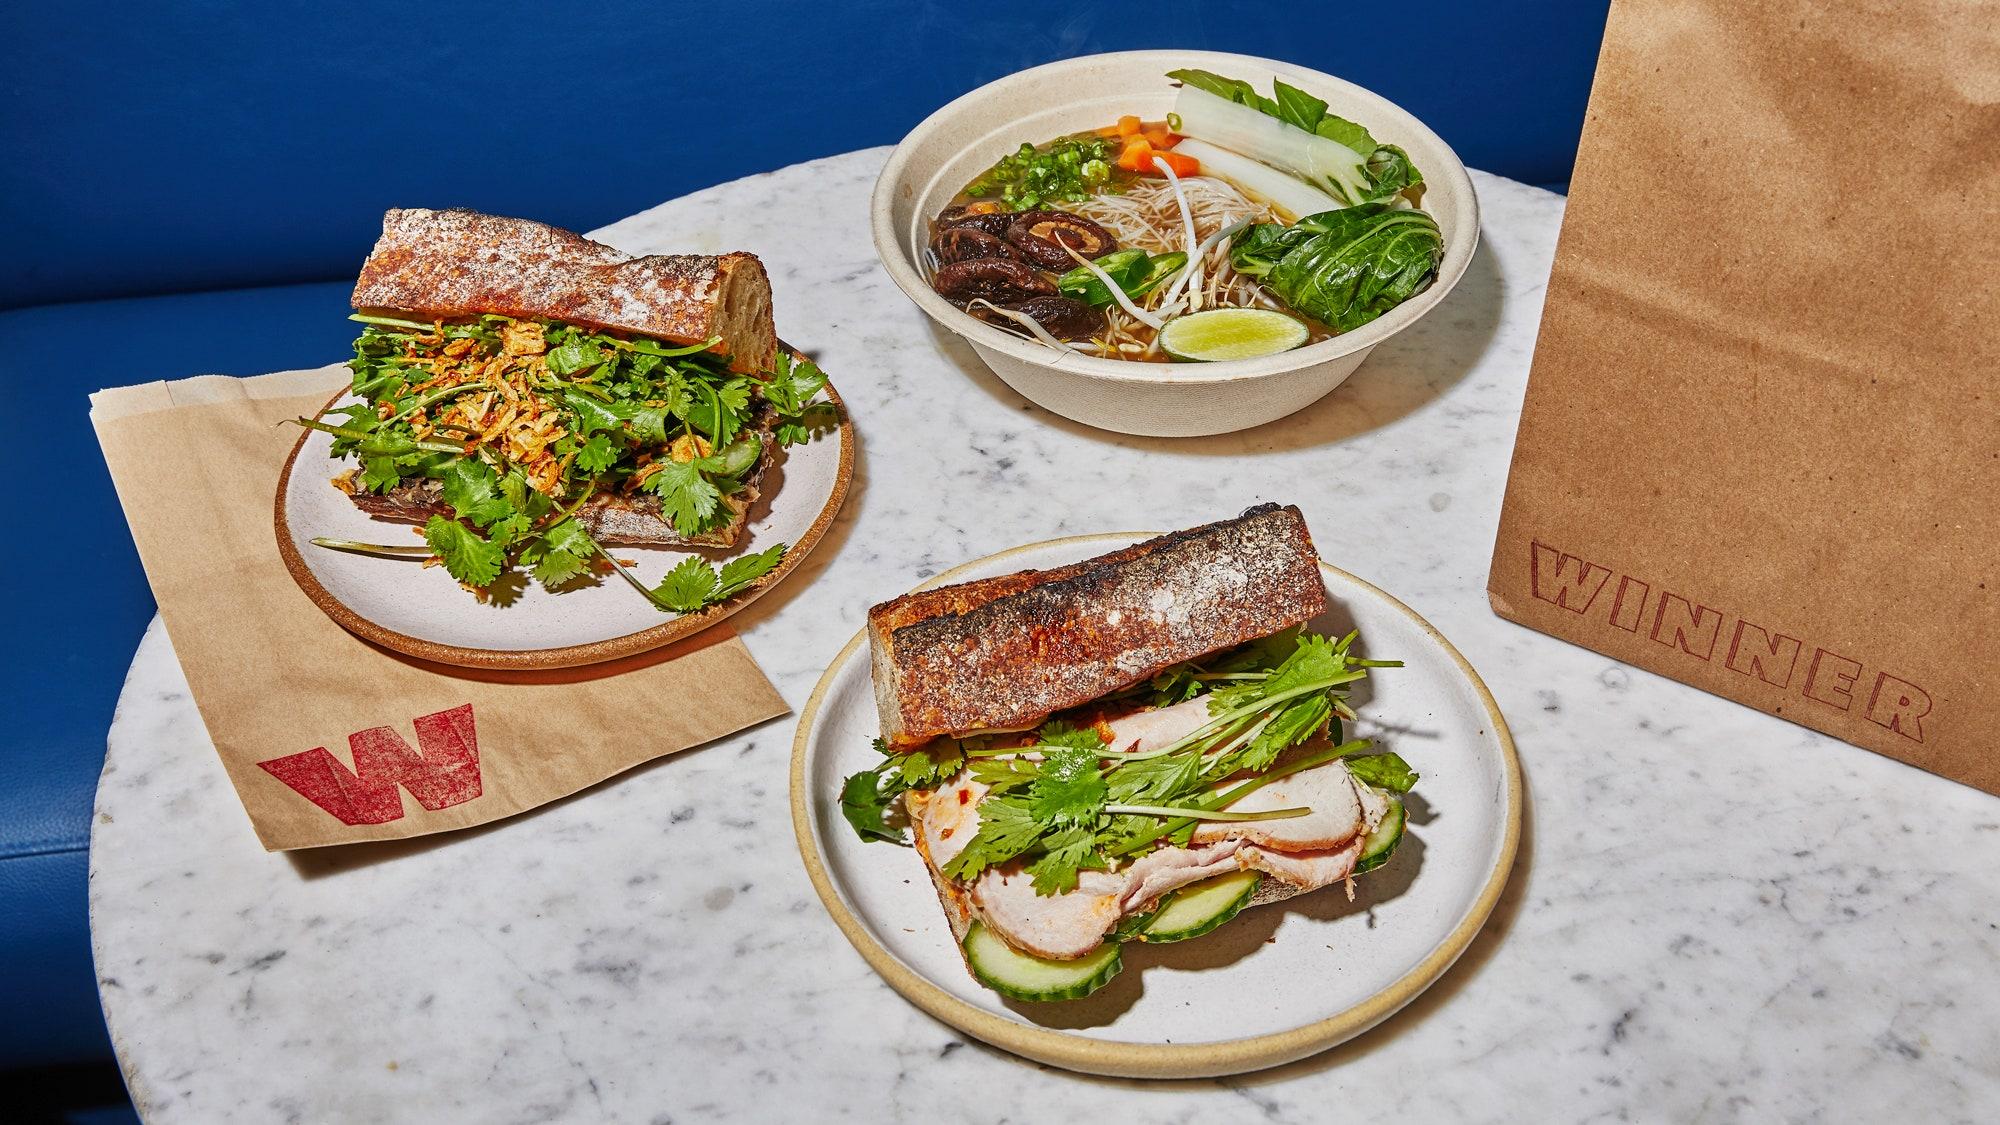 อาหารคลีนเพื่อสุขภาพเดลิเวอรี่ในกรุงเทพฯ การันตรีความอร่อยแบบคนสุขภาพดี